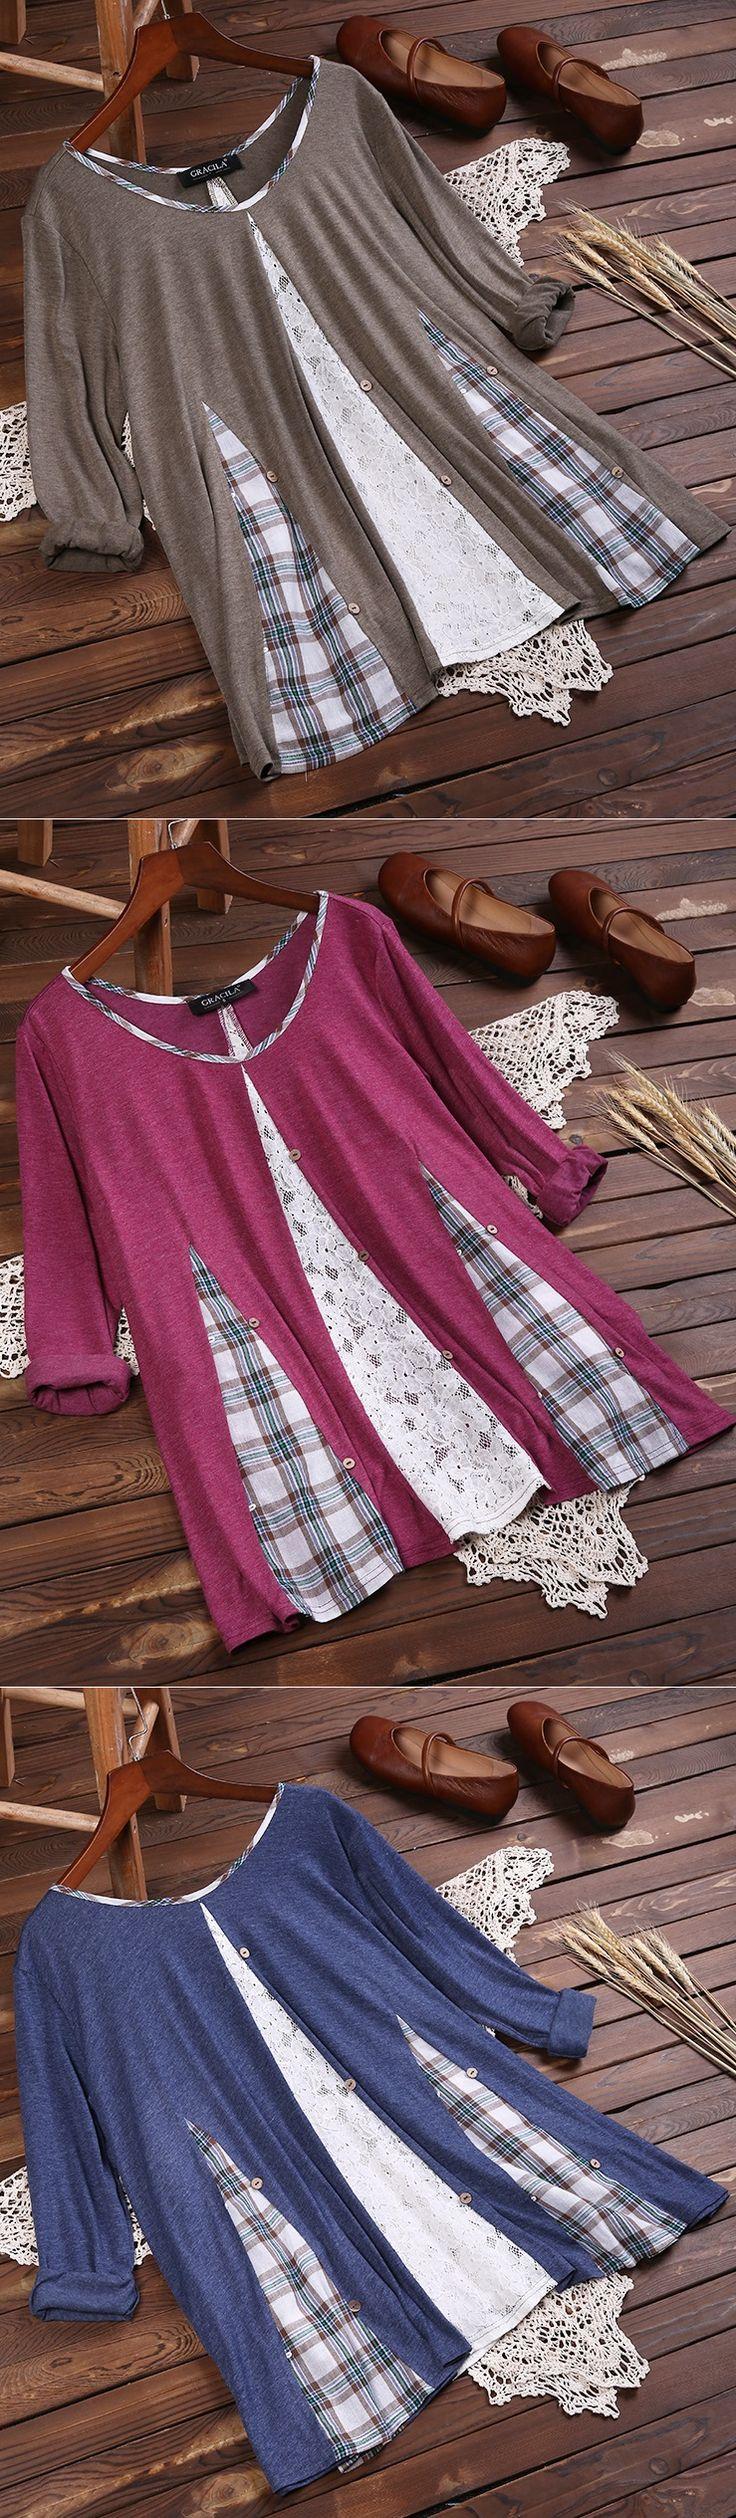 47% OFF! US$25.99 Plus Size Vintage Plaid Lace Patchwork Long Sleeve Blouses For Women. SHOP NOW!